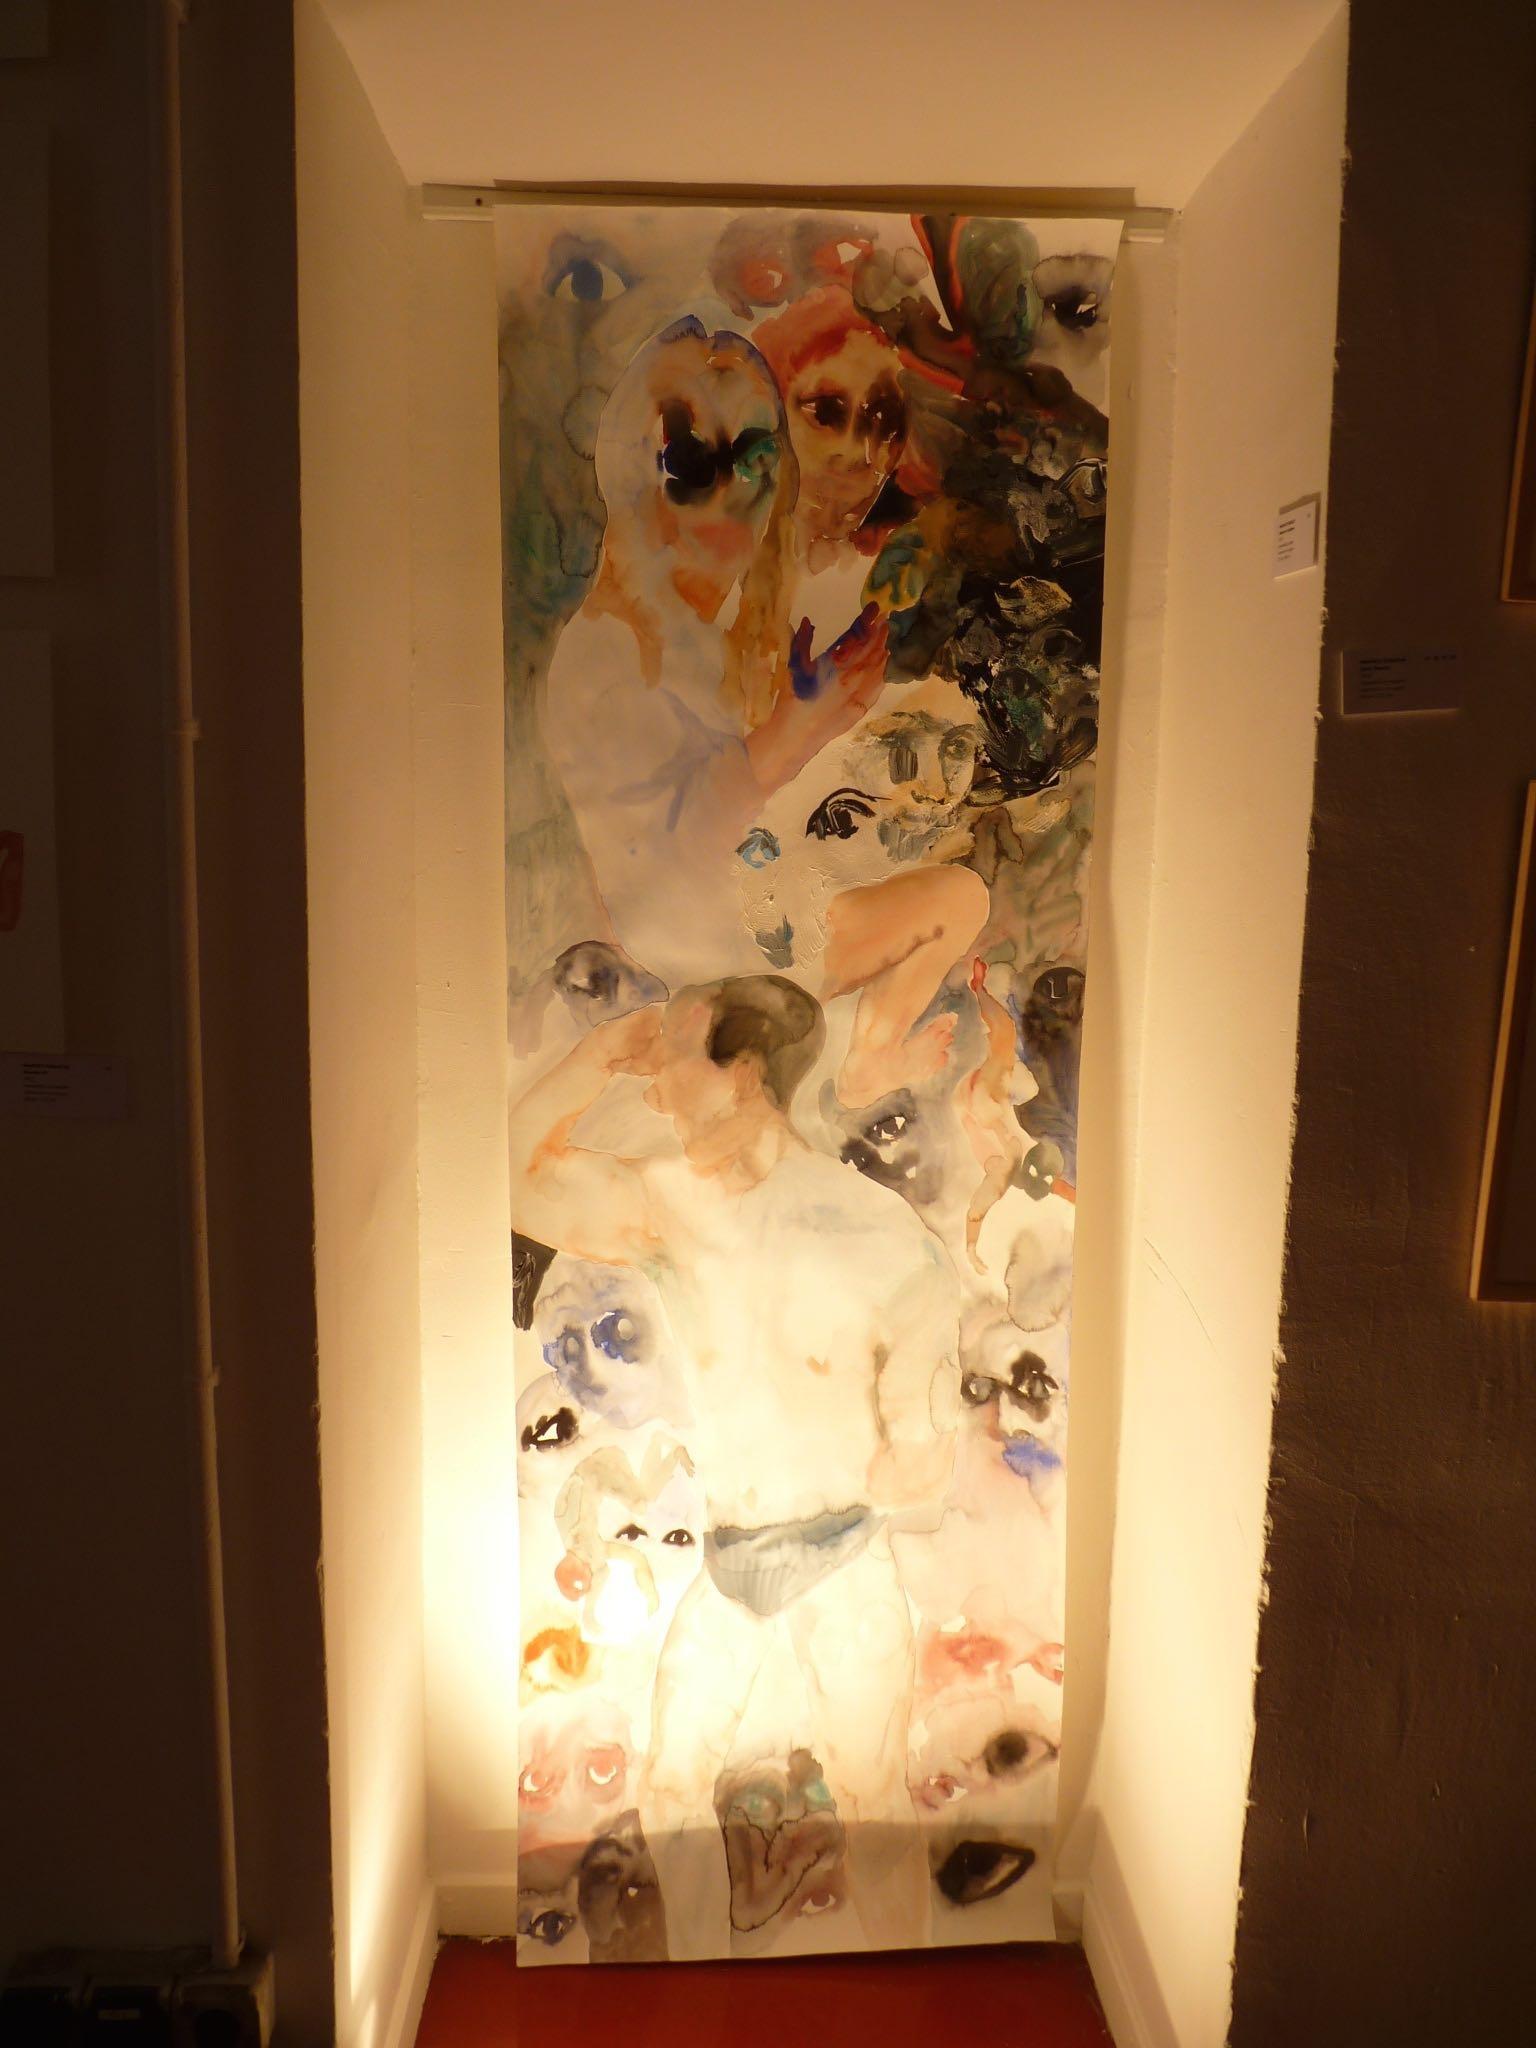 Makiko Furuichi, courtesy galerie 3e parallèle